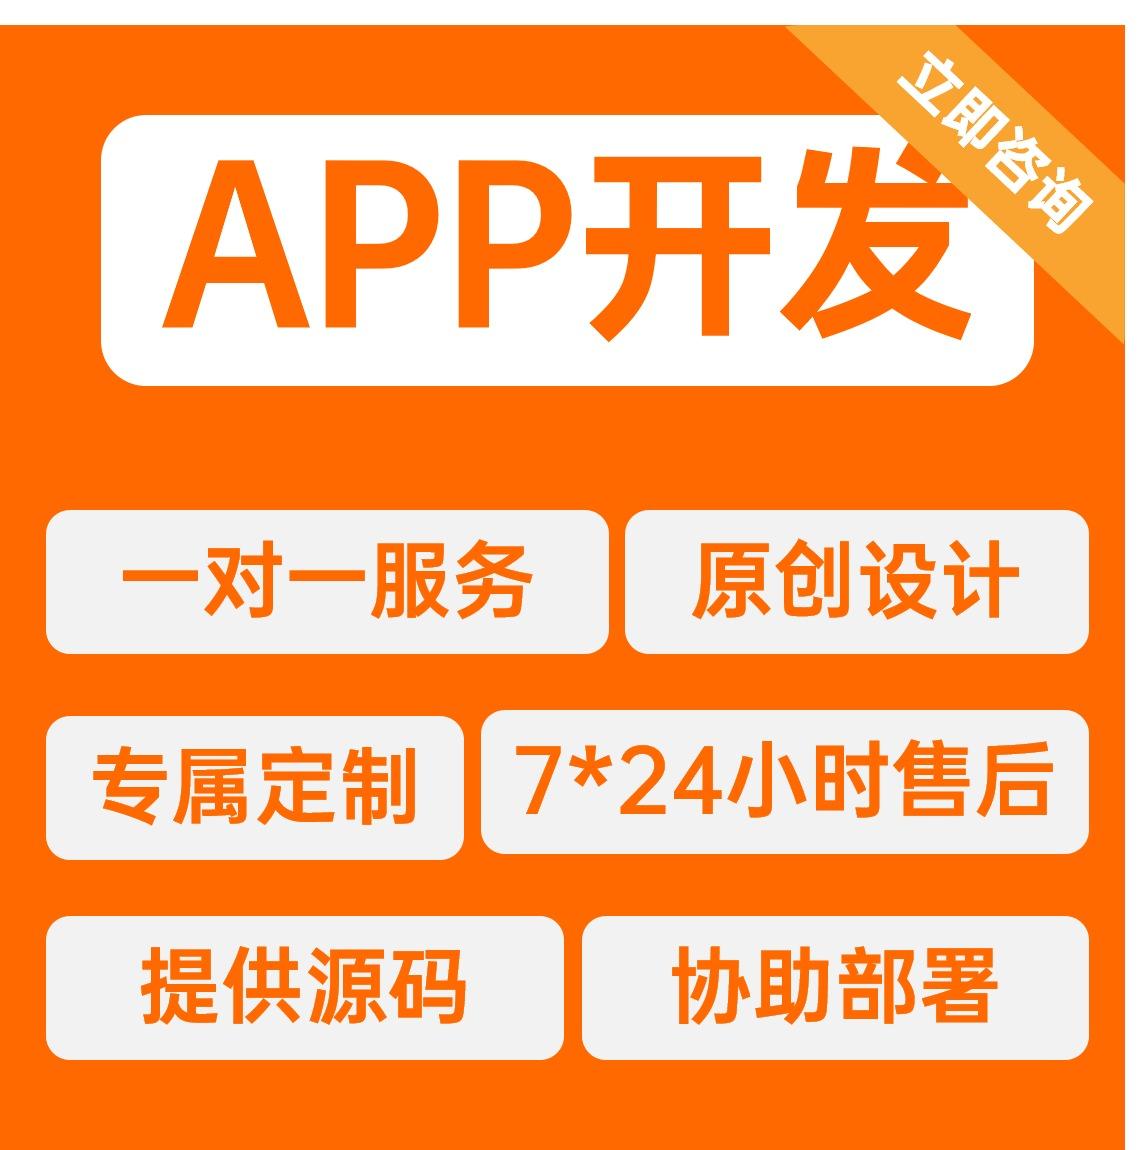 大学职业教育APP教育培训教育软件商城分销微信商城APP开发